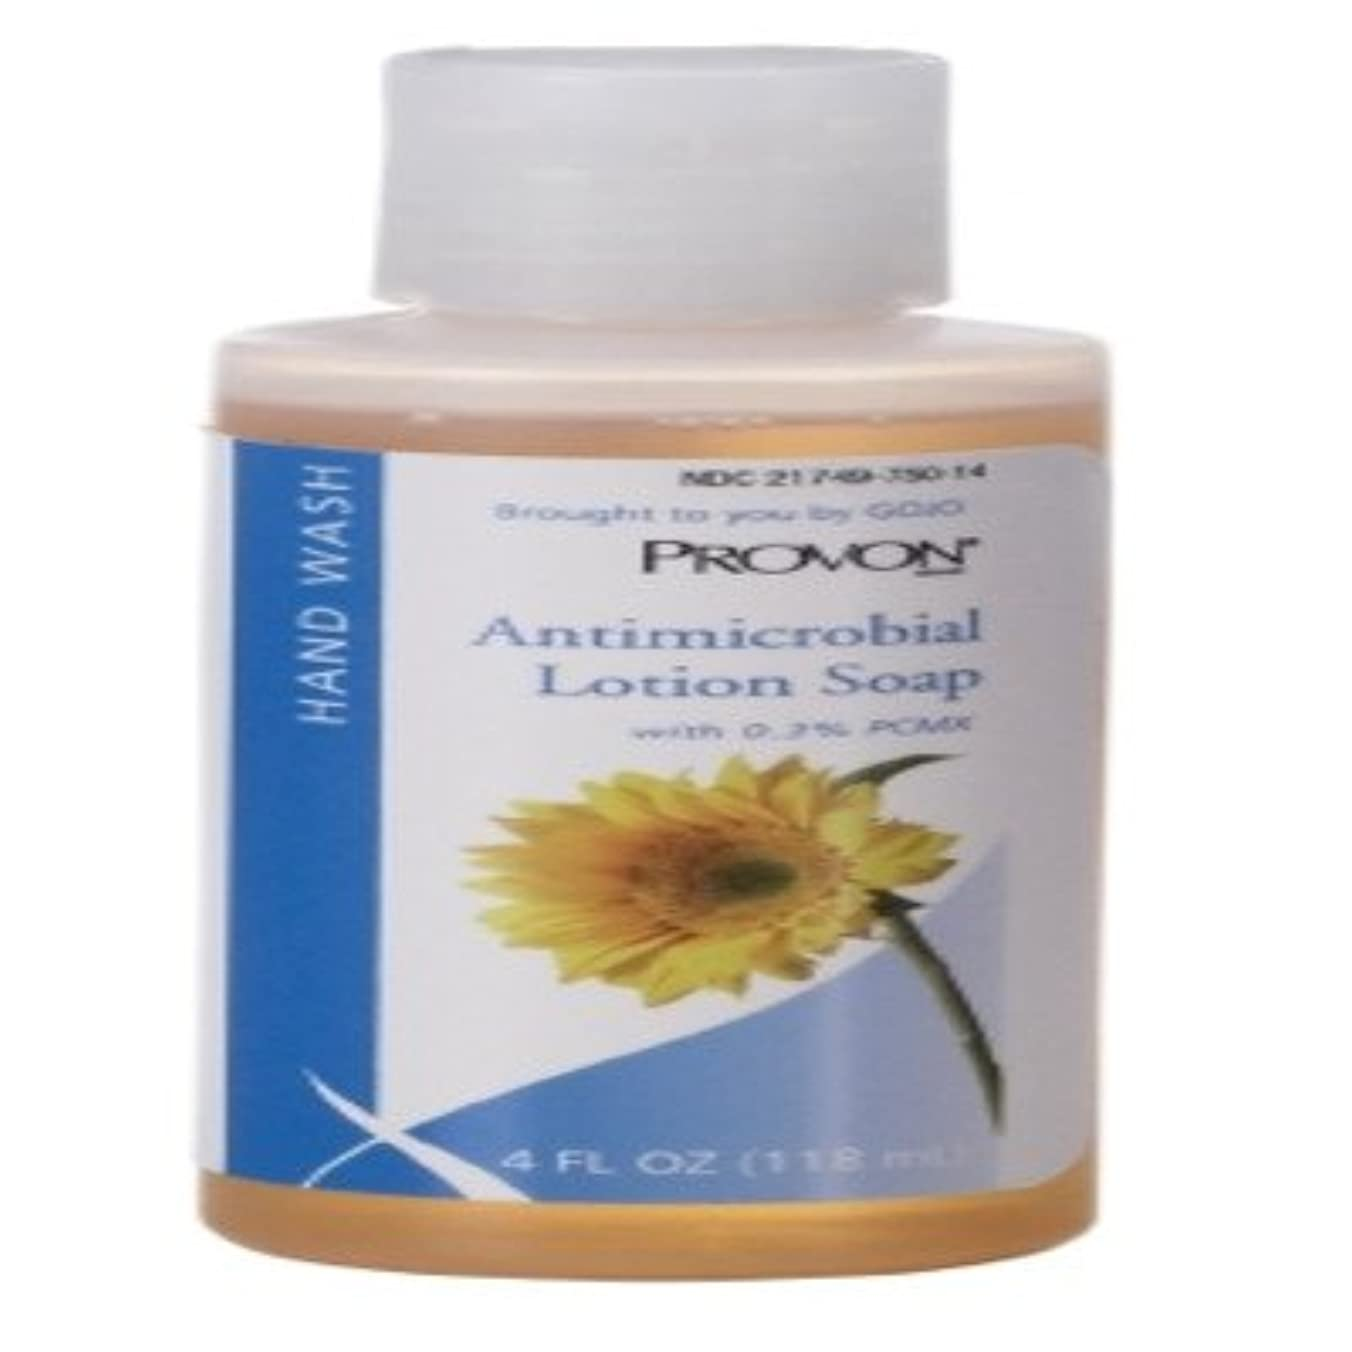 酒イルミキサーmck43011800 – 抗菌Soap ProvonローションボトルCitrus Scent